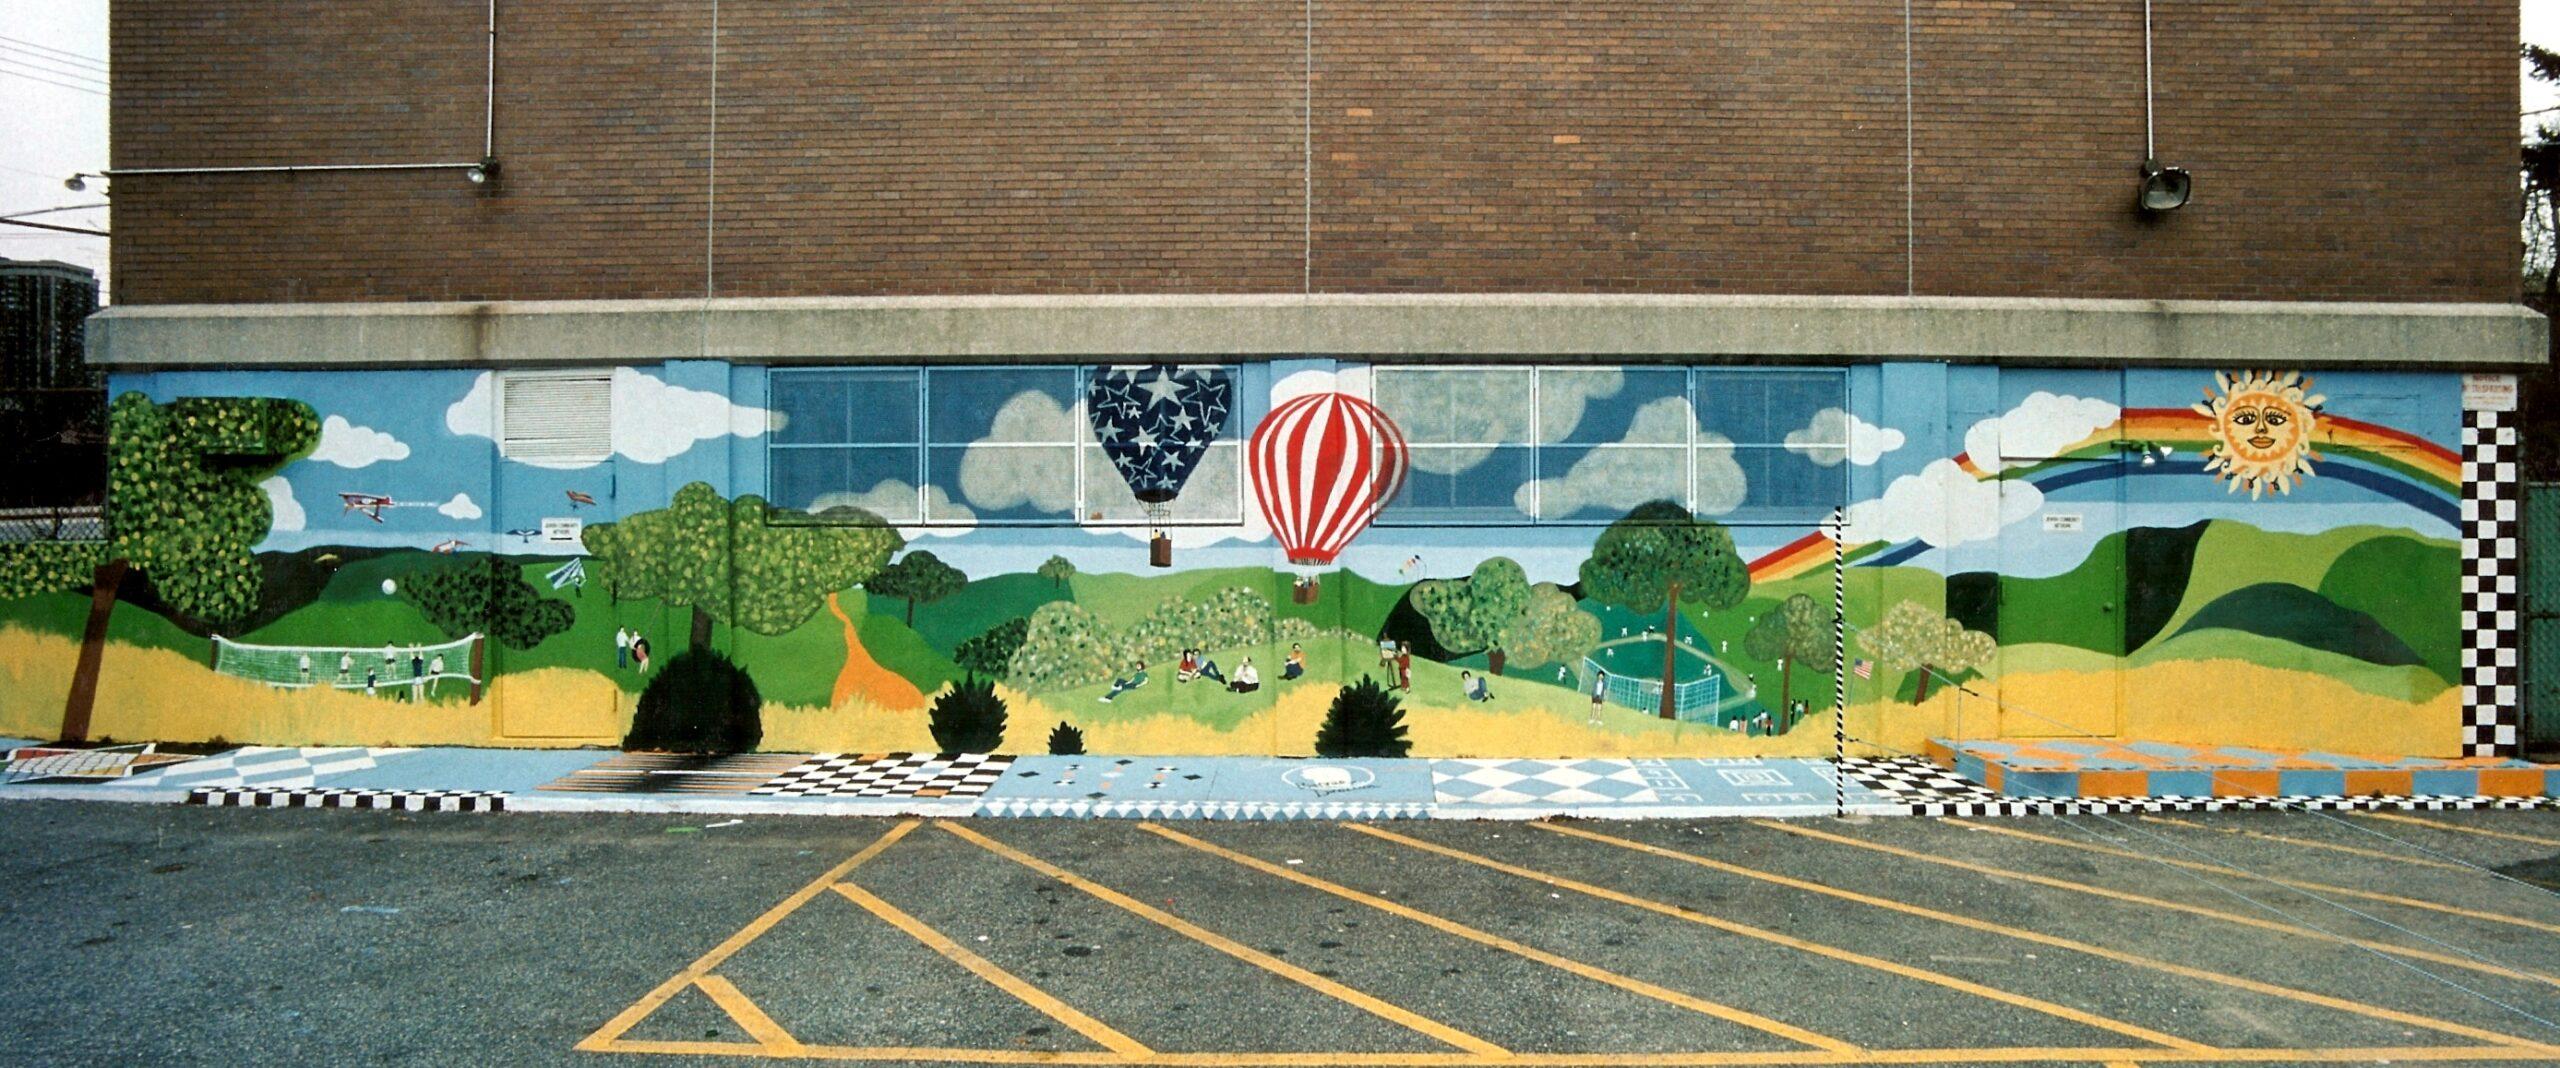 Bonnie siracusa murals fine art for Exterior wall mural